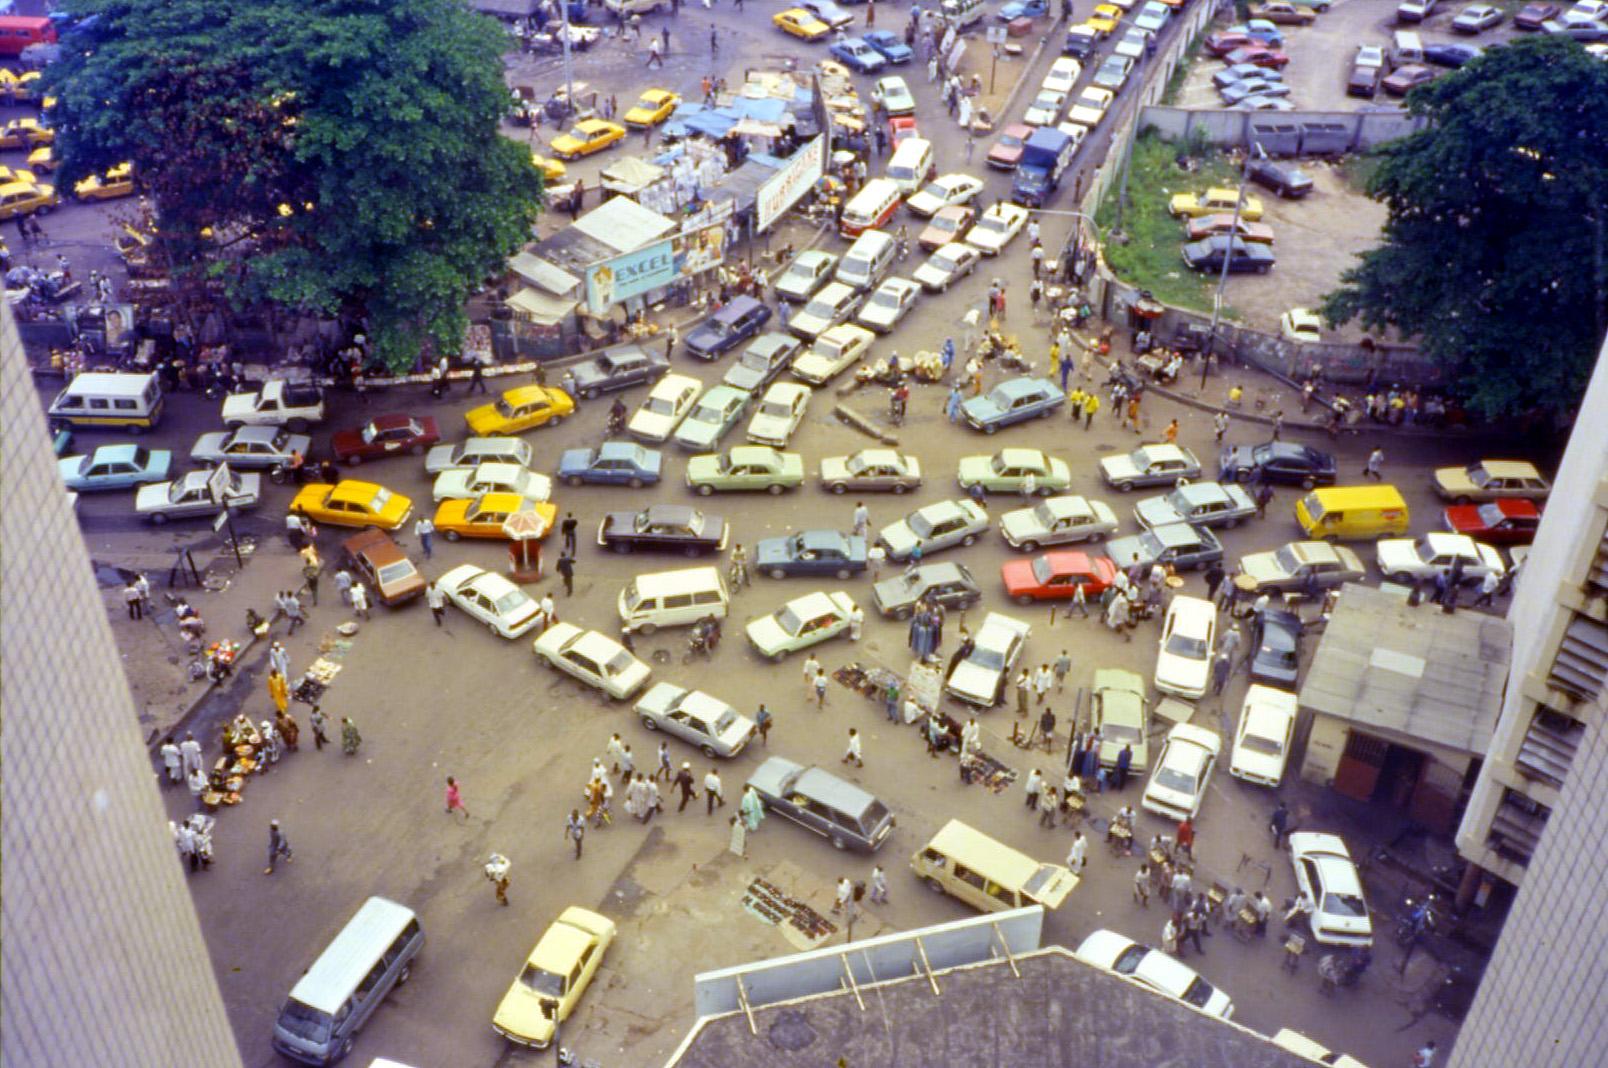 1994 Lagos